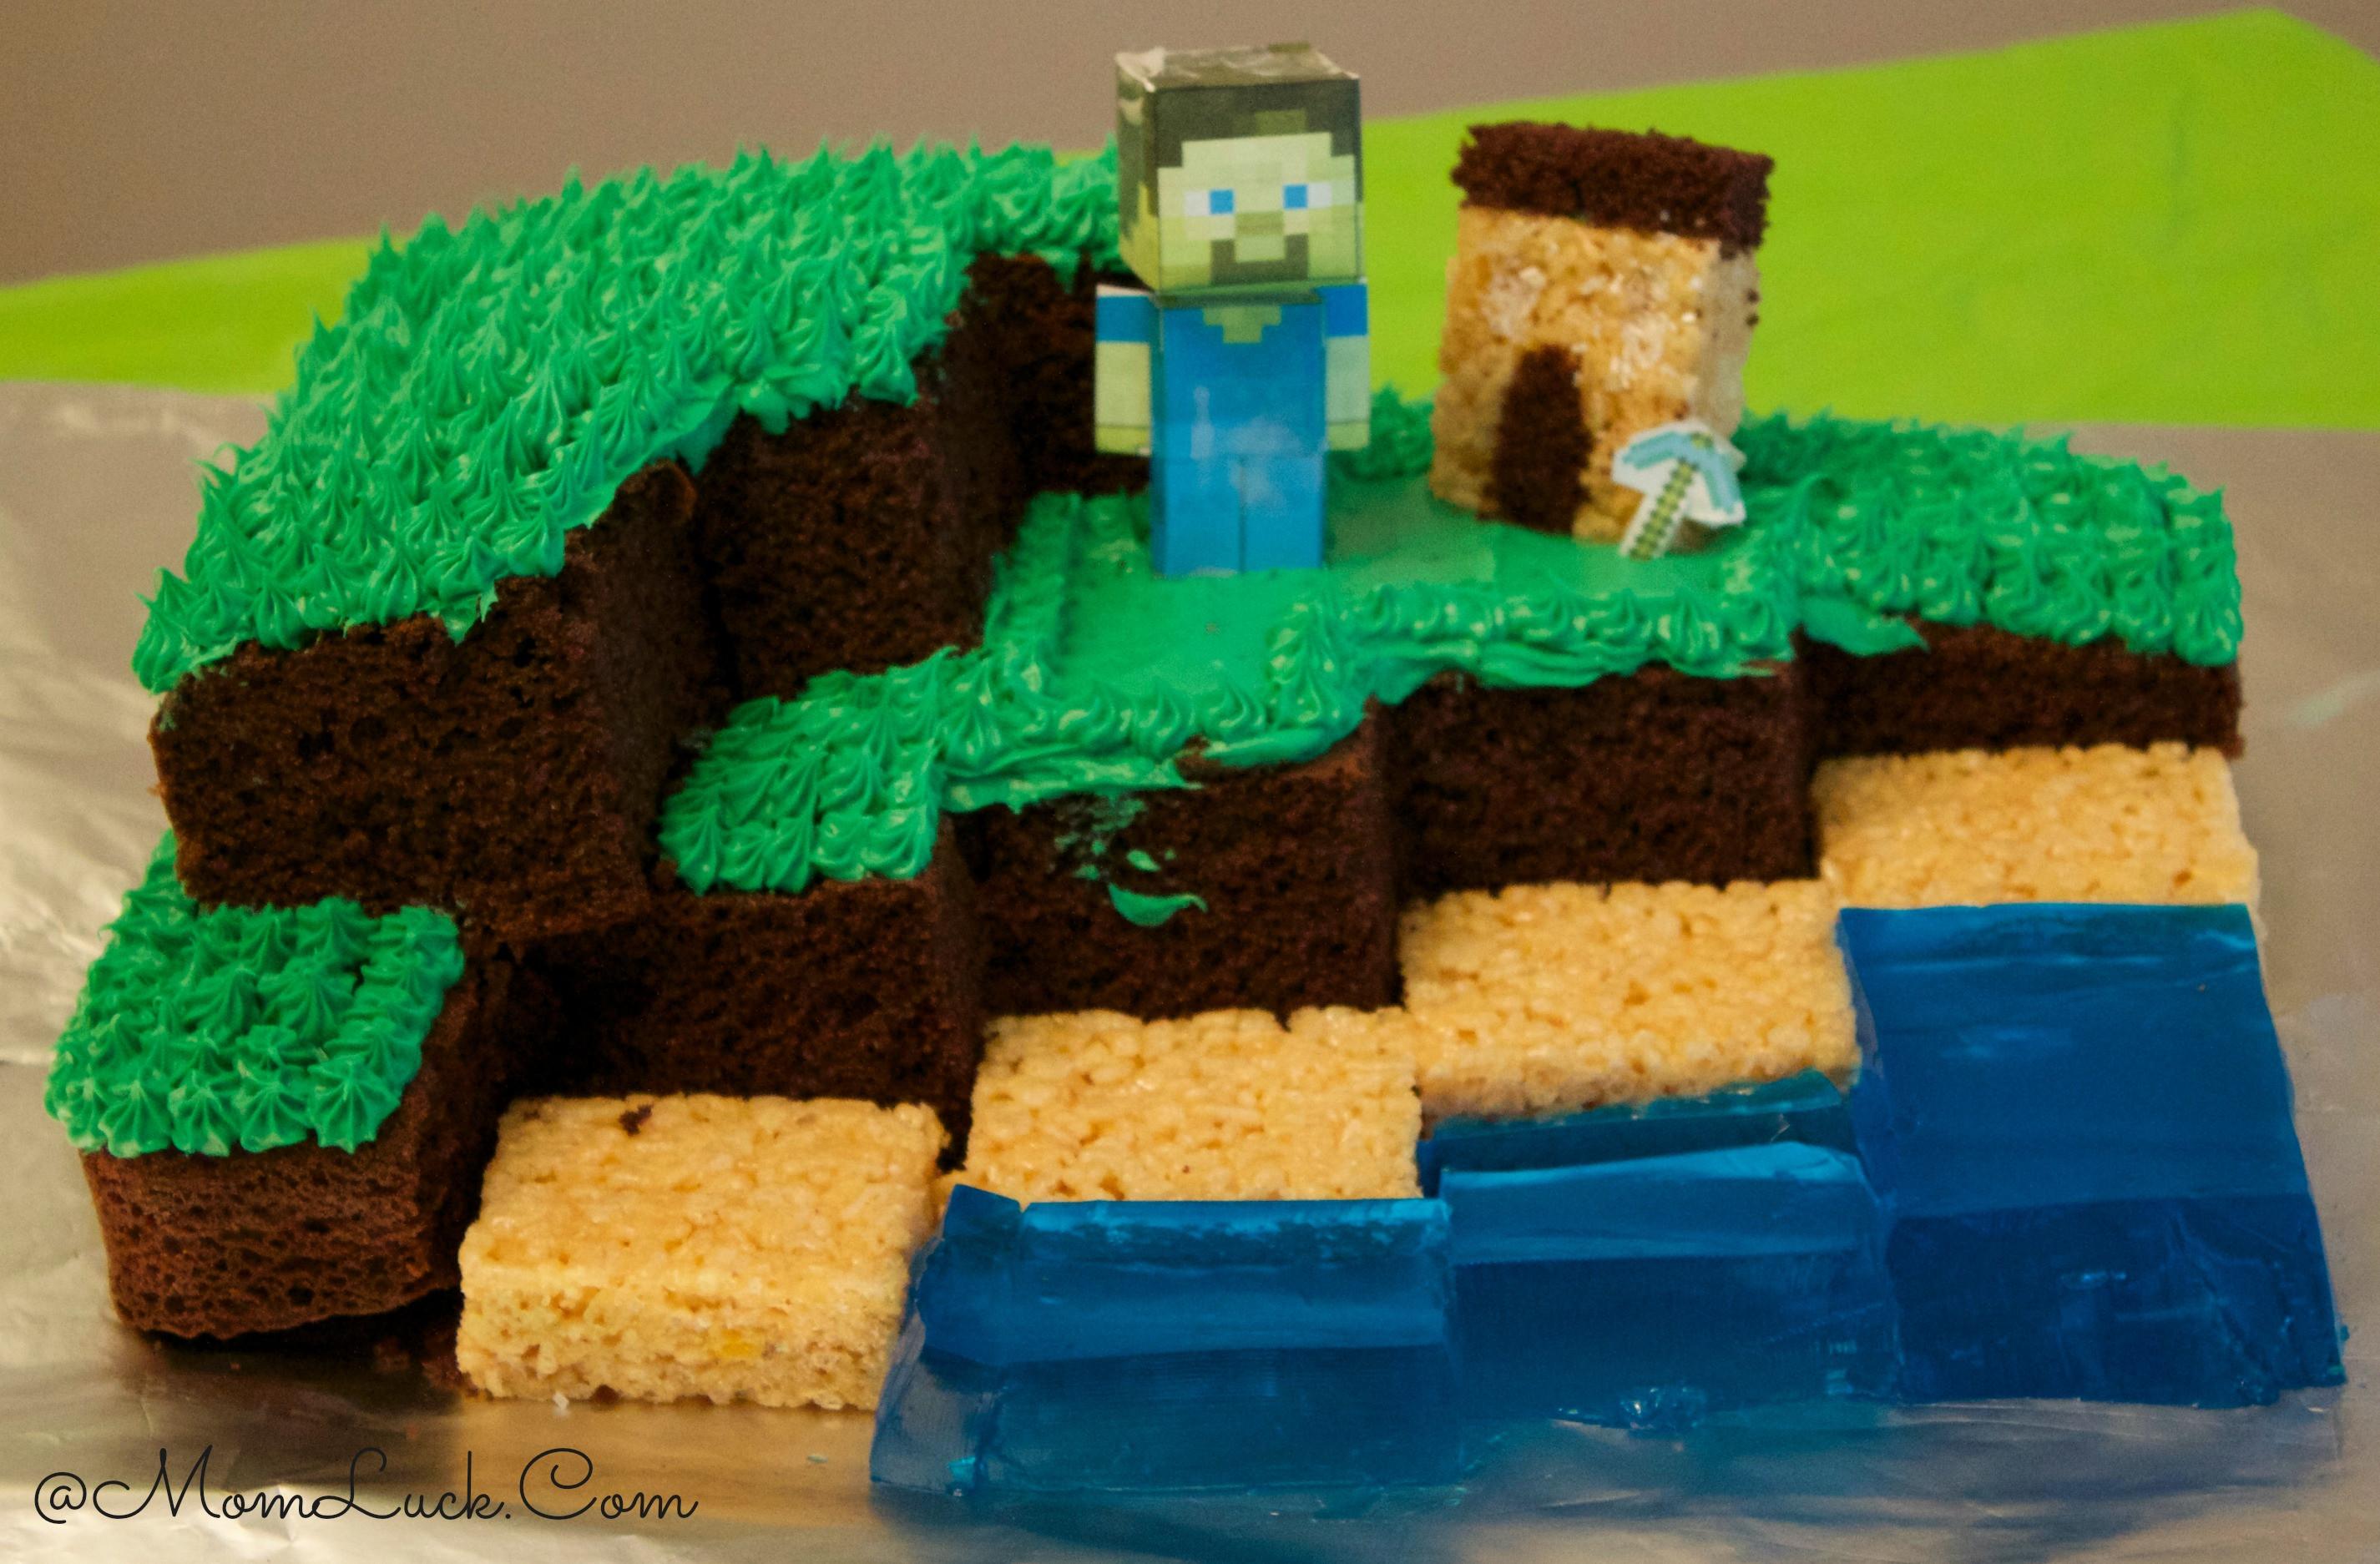 Best ideas about Minecraft Birthday Cake . Save or Pin Minecraft Birthday Party Ideas For Kids Now.